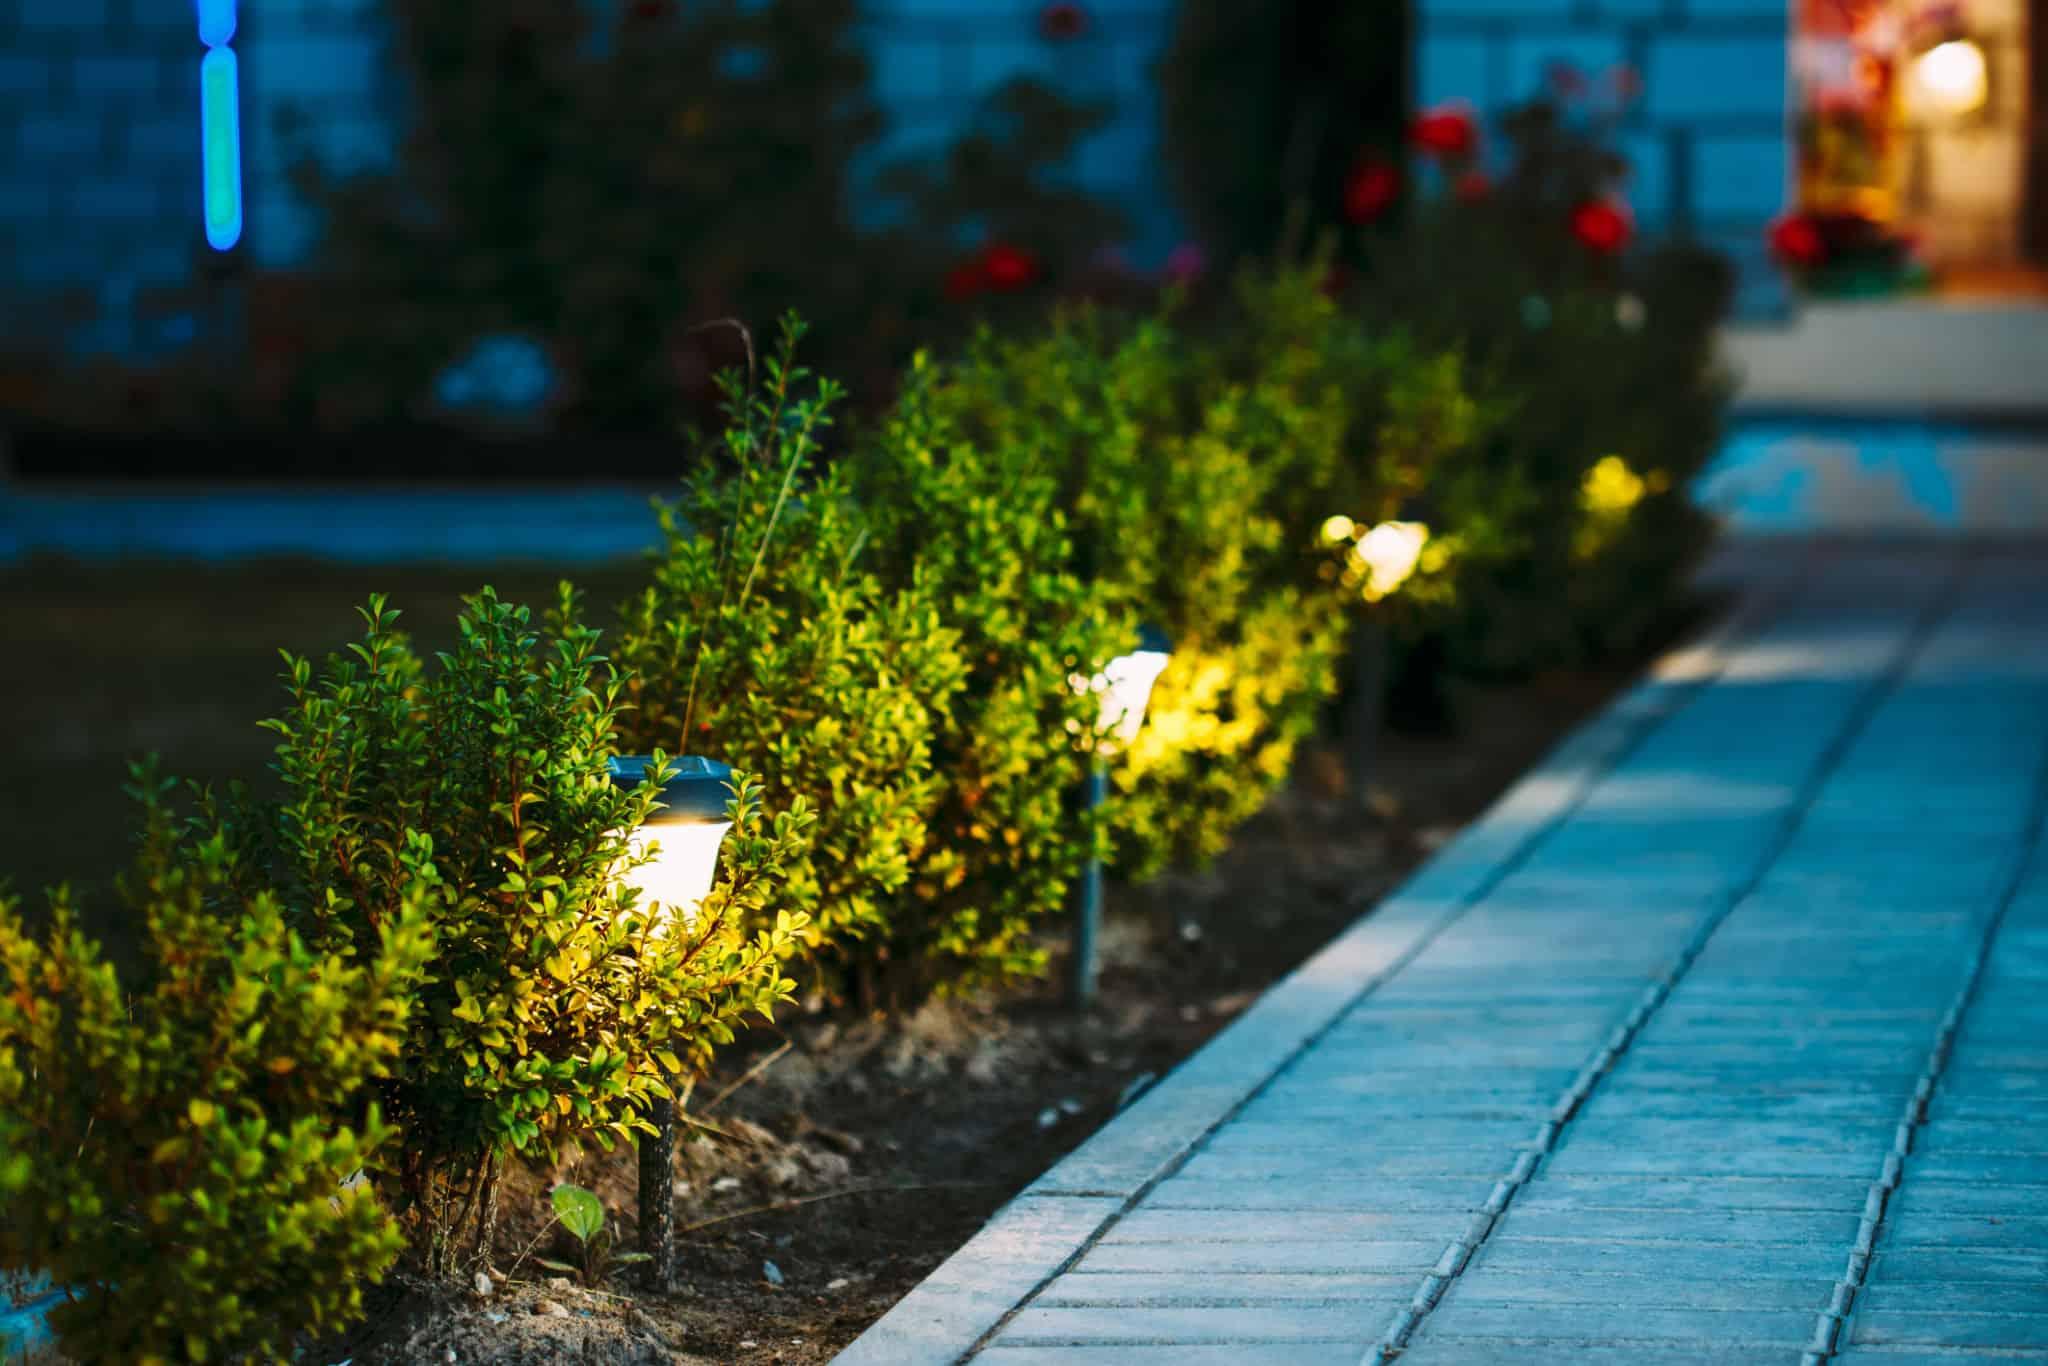 Best Light for Vegetative Growth